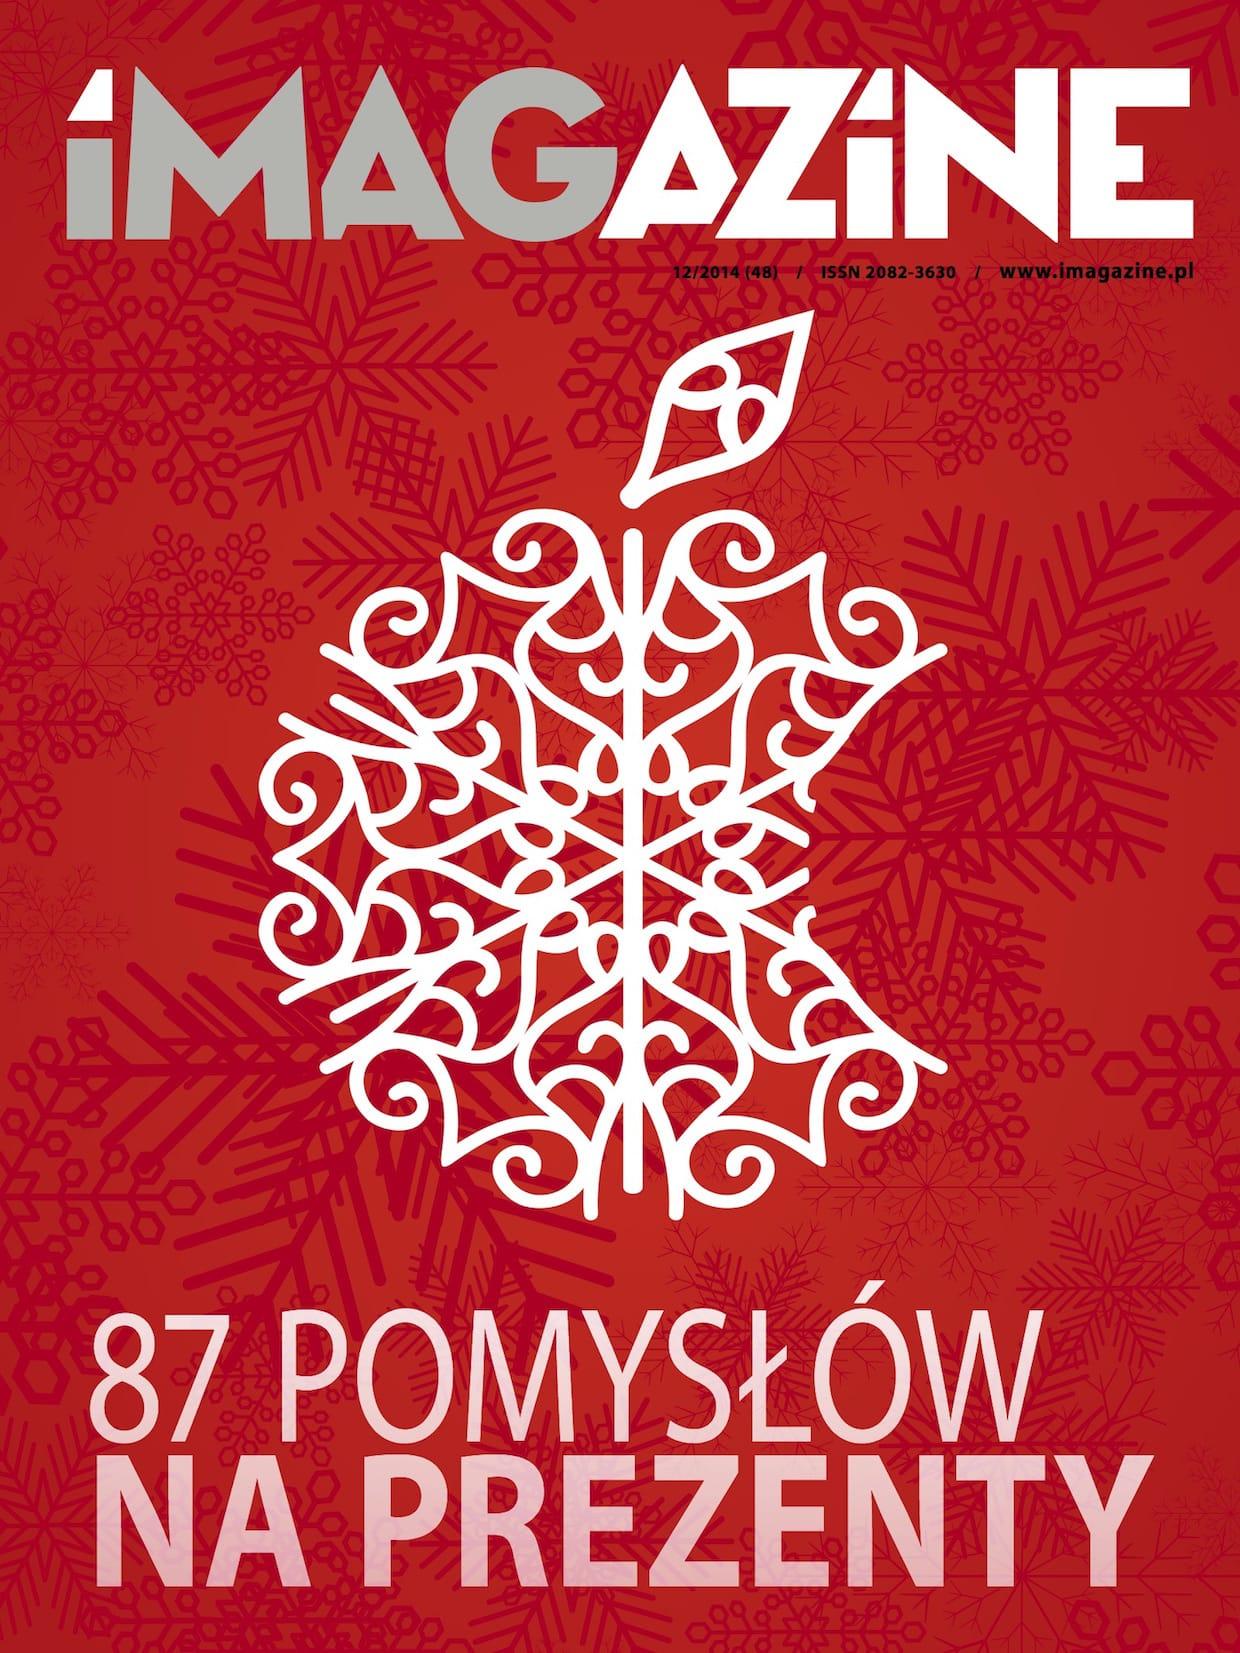 iMagazine 12/2014 – 87 pomysłów na prezenty